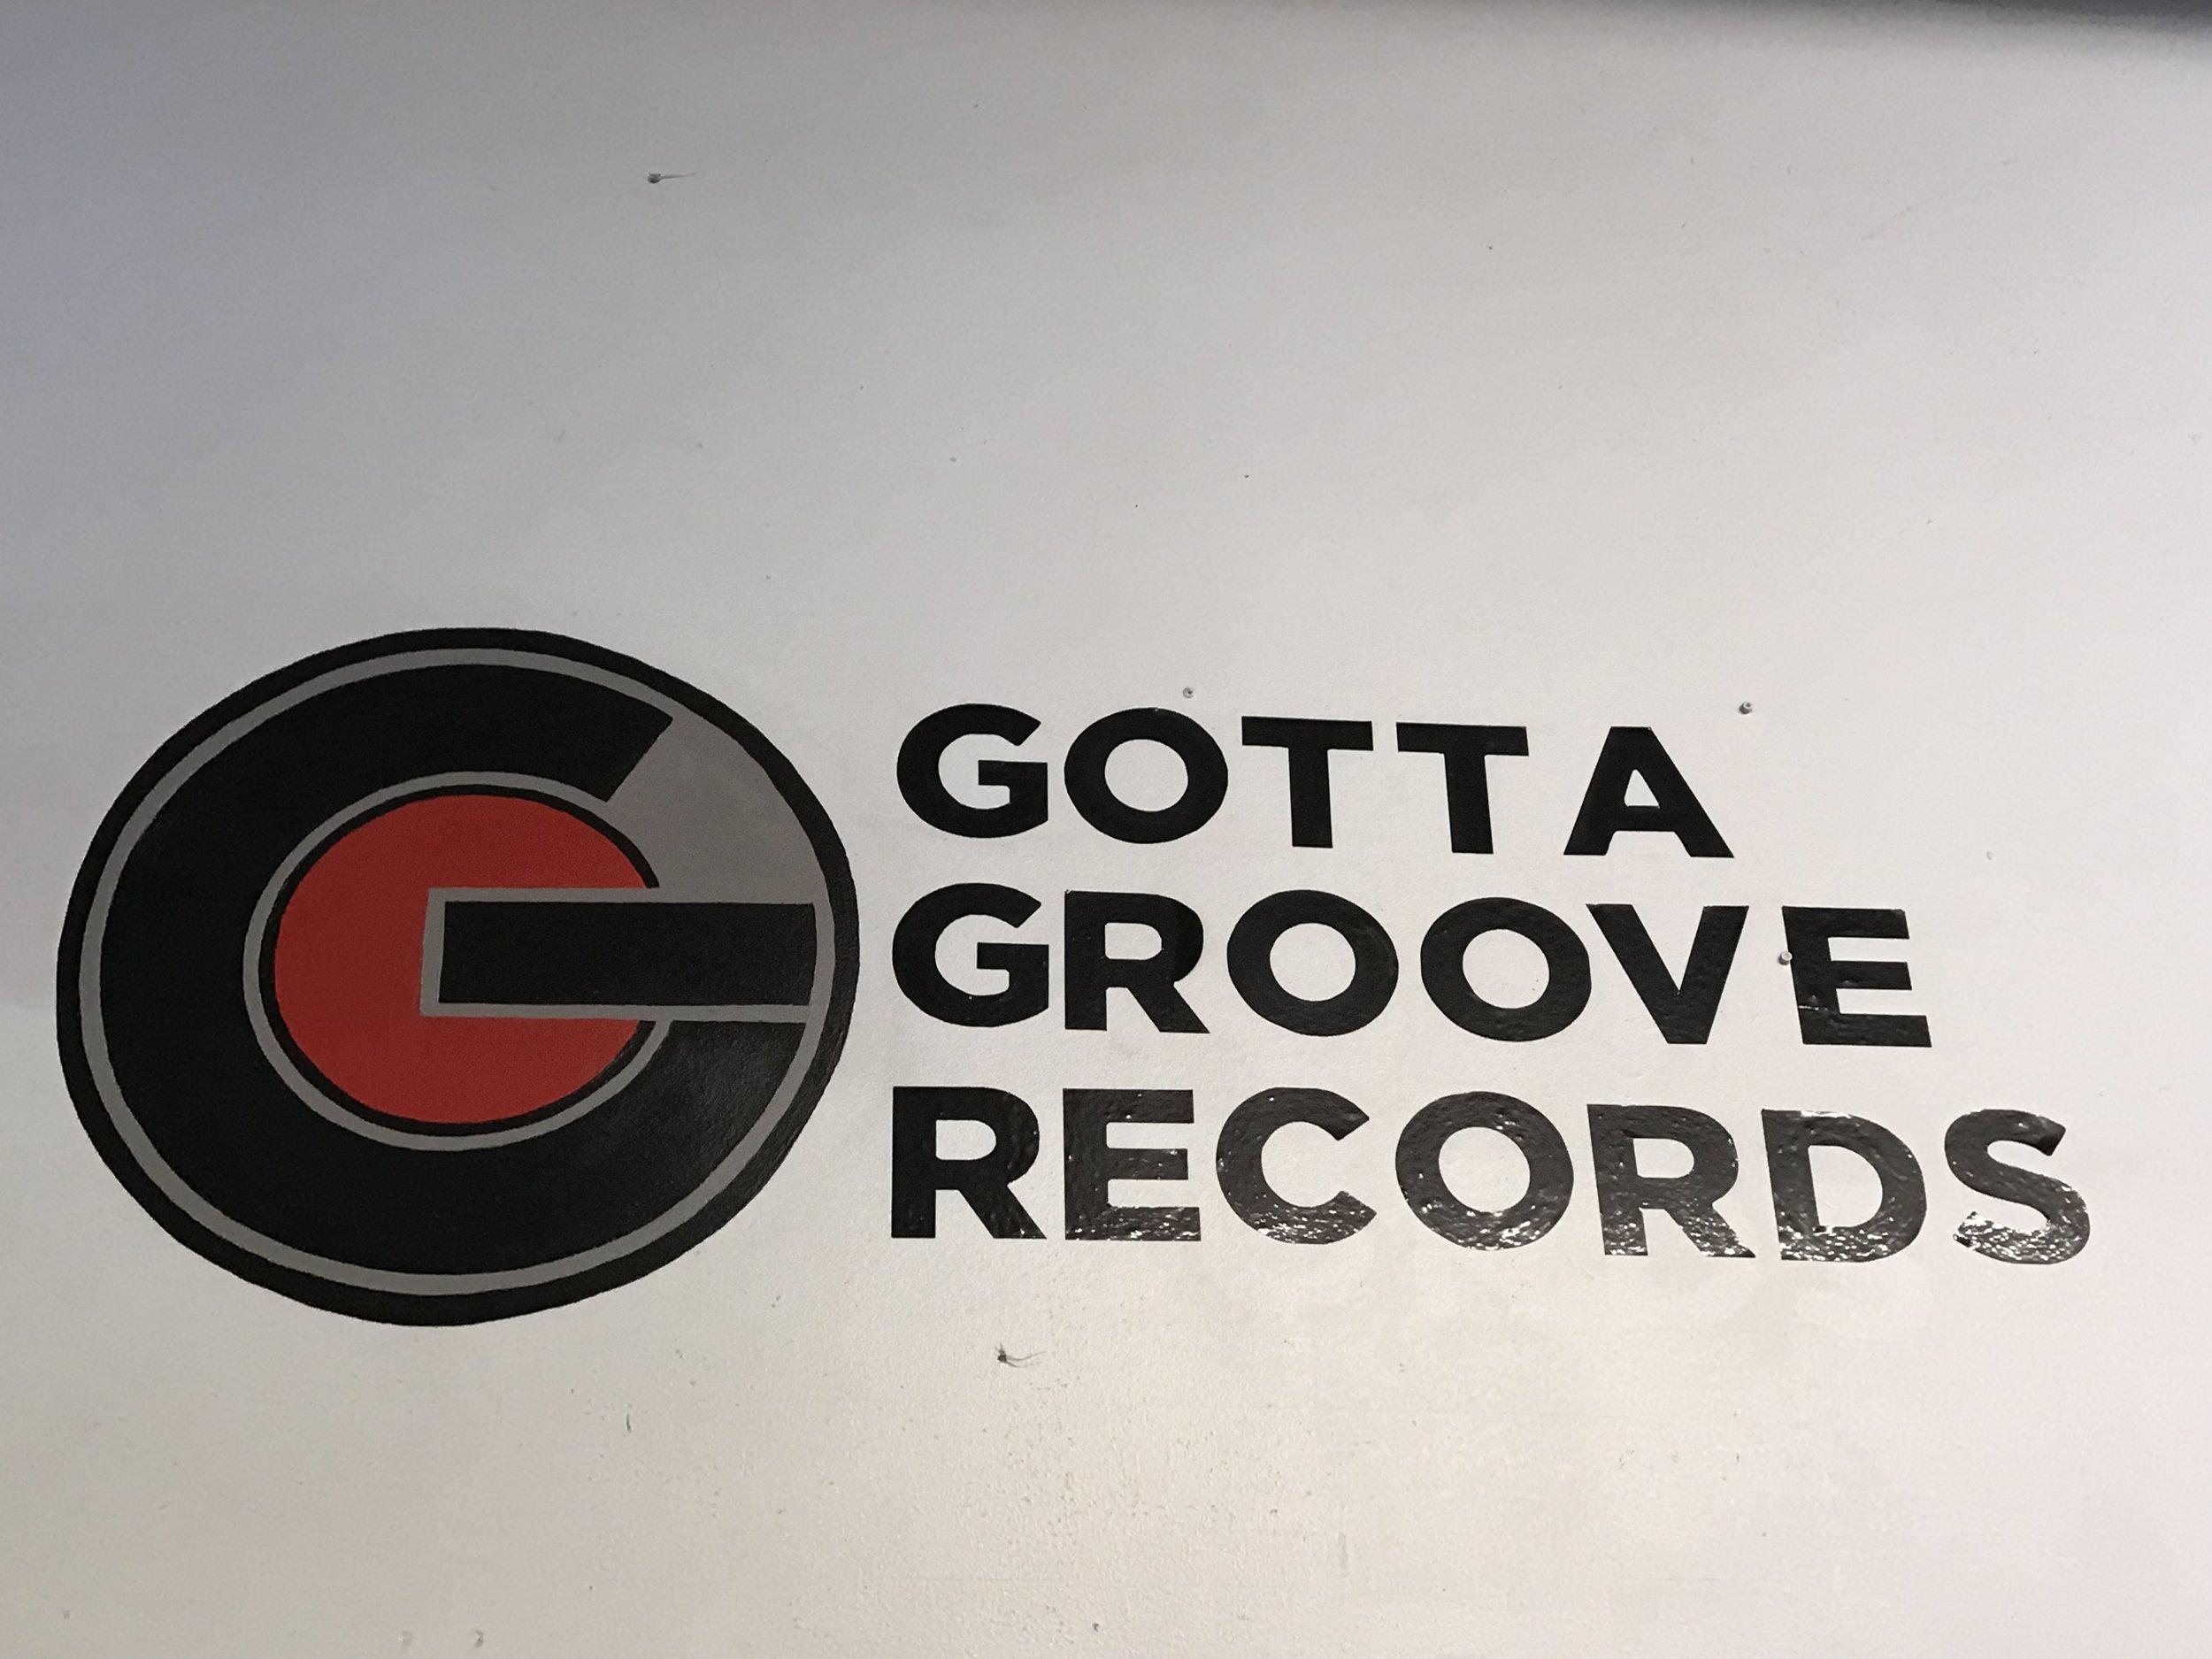 GottaGrooveRecords.jpg